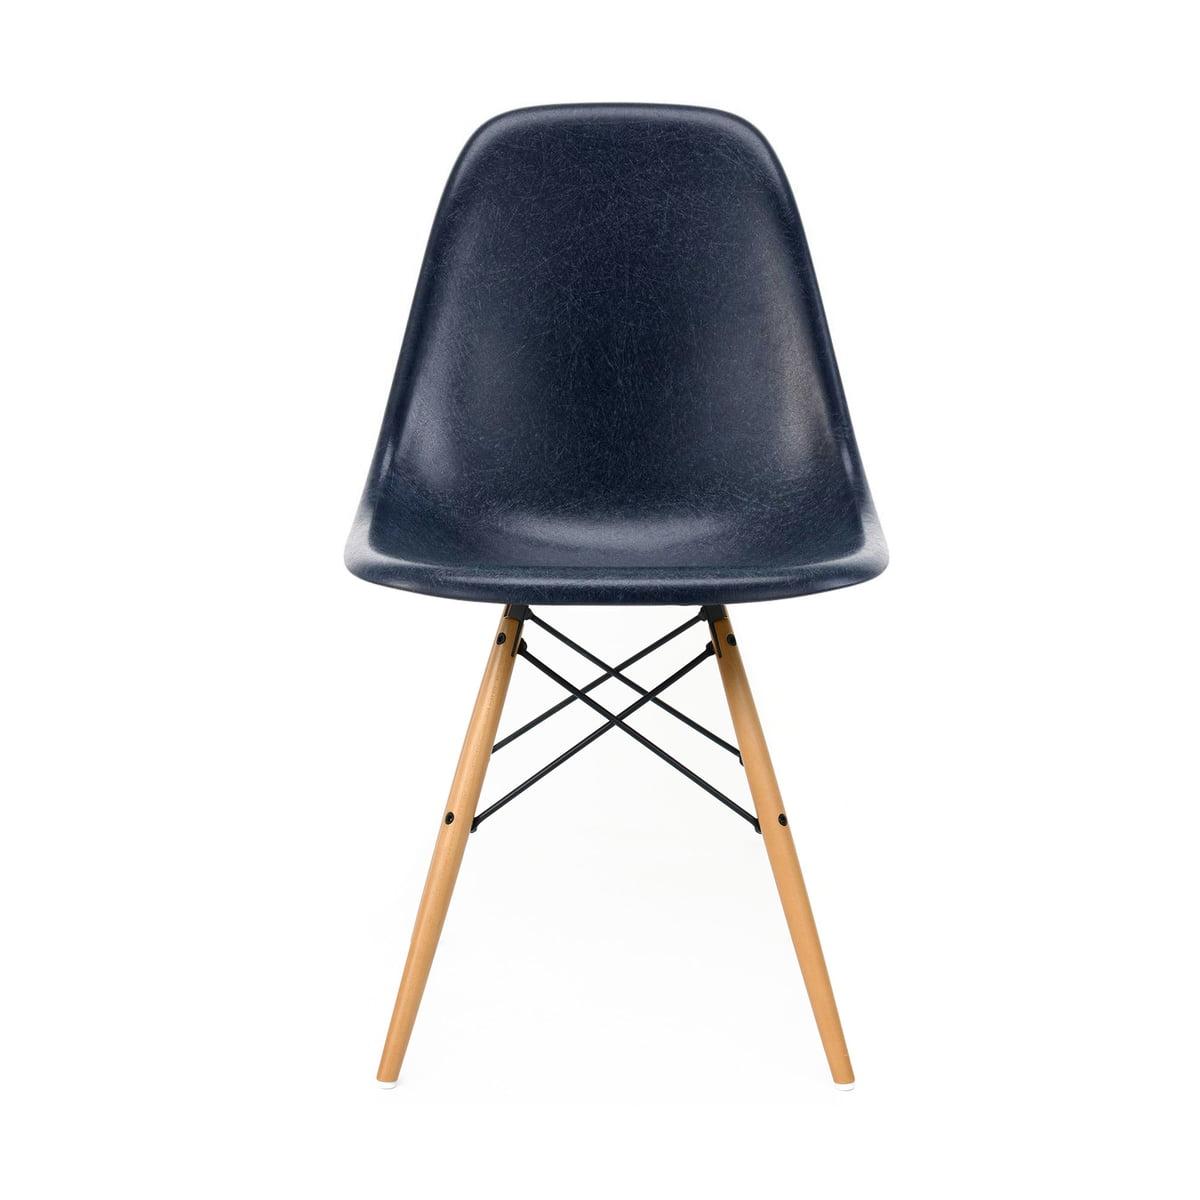 Chair Gelblich DswAhorn Eames Parchmentfilzgleiter Vitra Weiß Side Fiberglass UqSzVGMpL